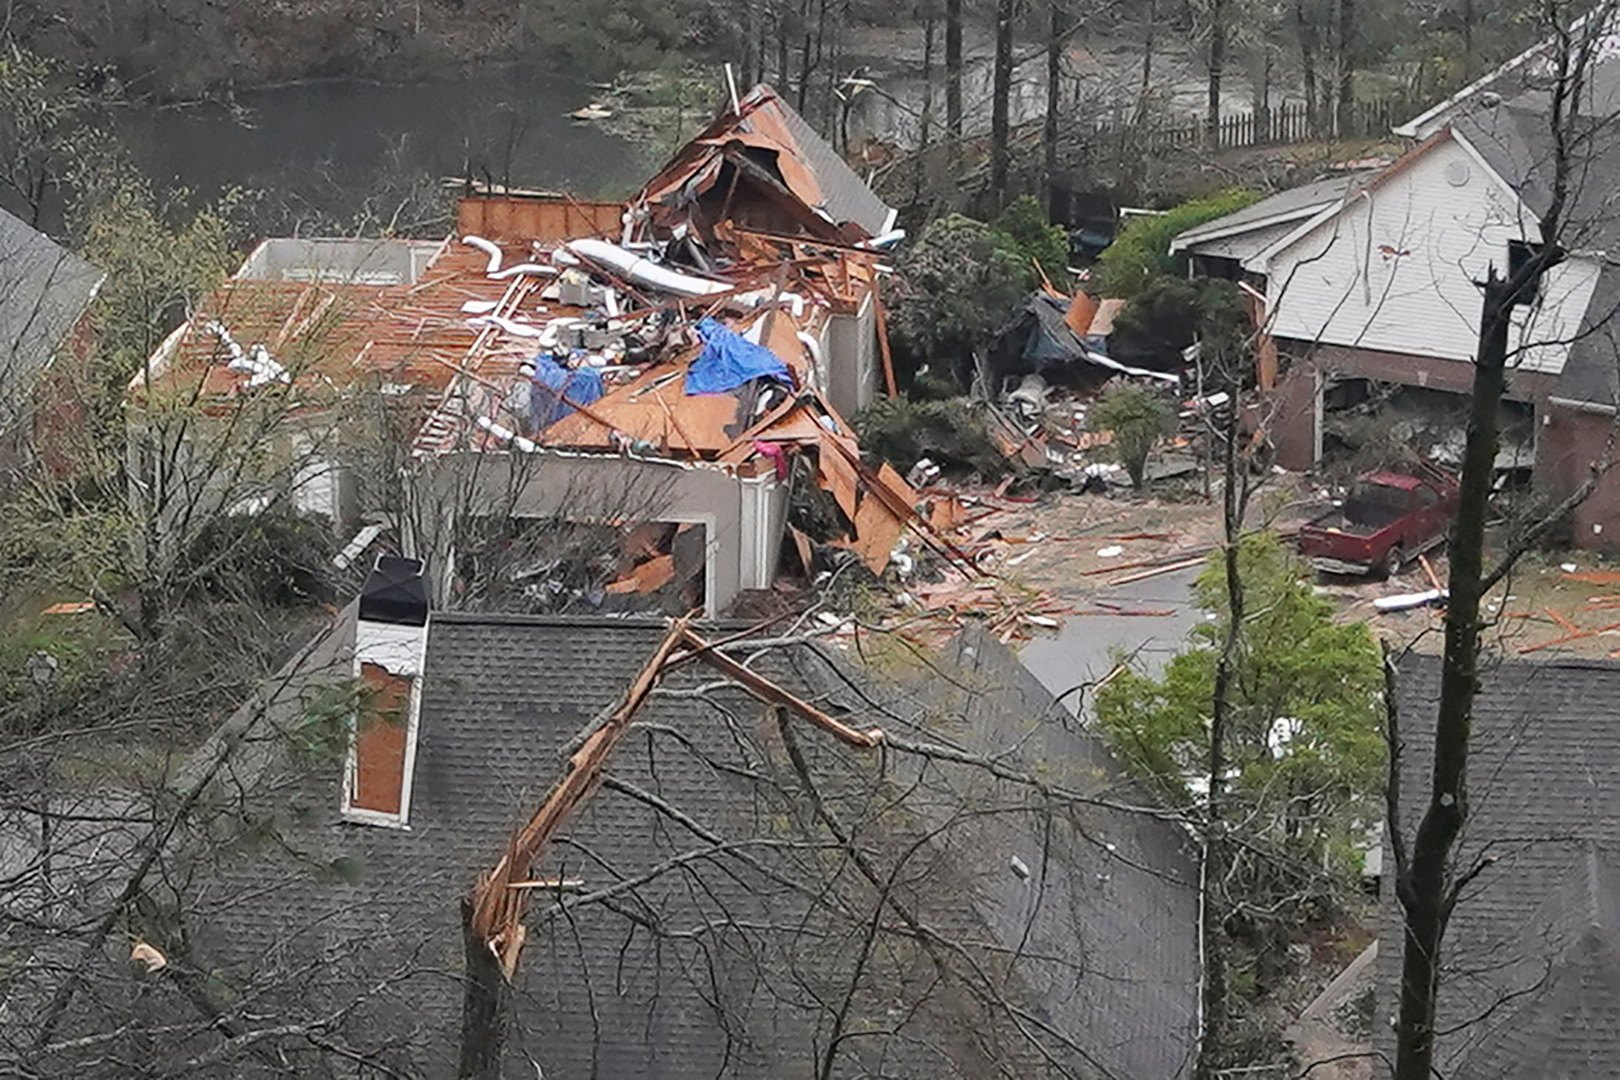 مصرع 5 أشخاص جراء إعصار ضرب ولاية ألاباما الأمريكية (فيديو)